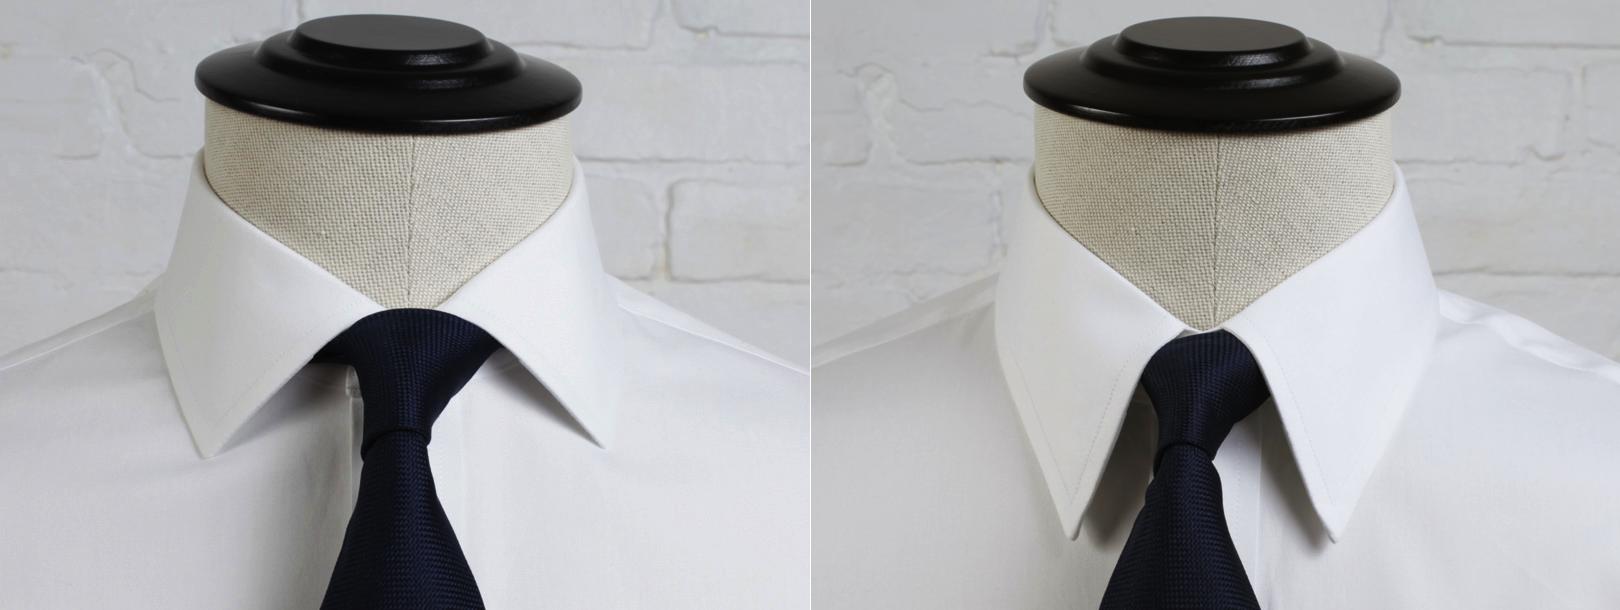 spread collar vs point collar